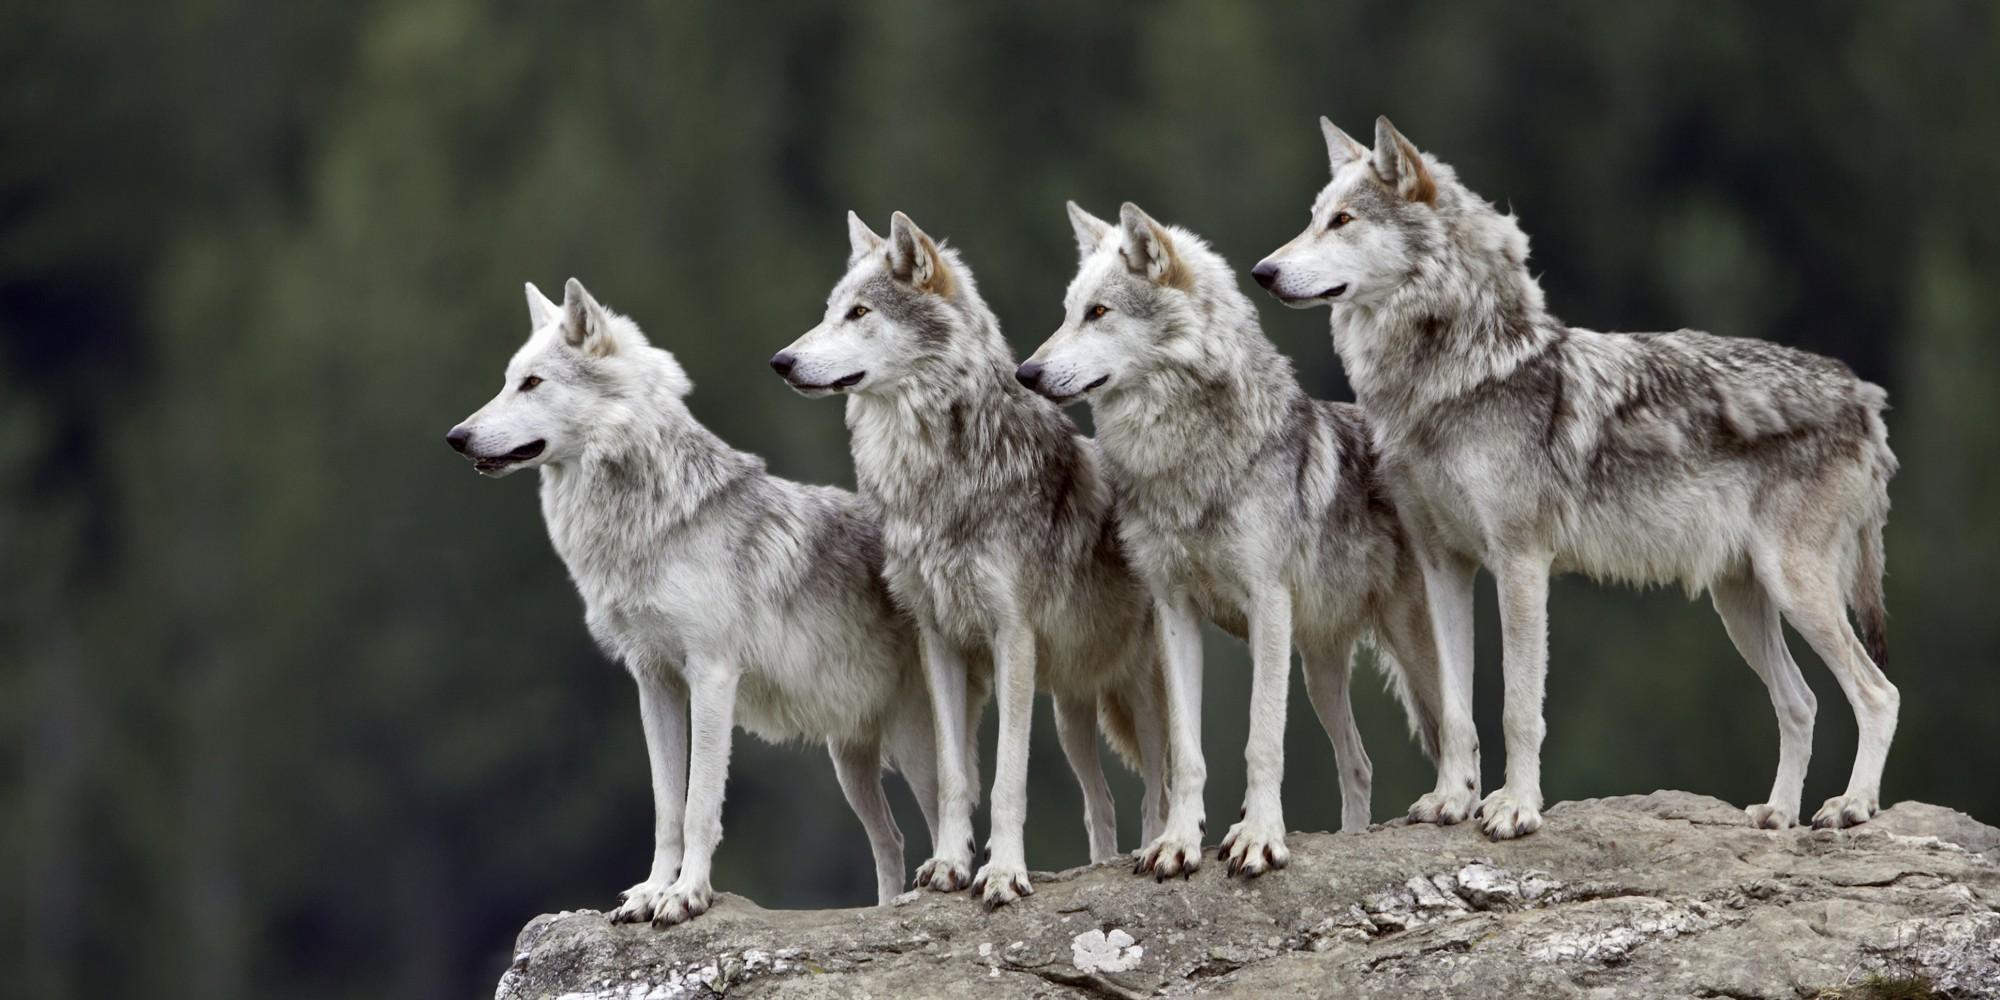 Muốn hoàn thiện bản thân mình hơn, hội chị em công sở cần áp dụng ngay 5 bài học quý báu từ động vật - Ảnh 9.